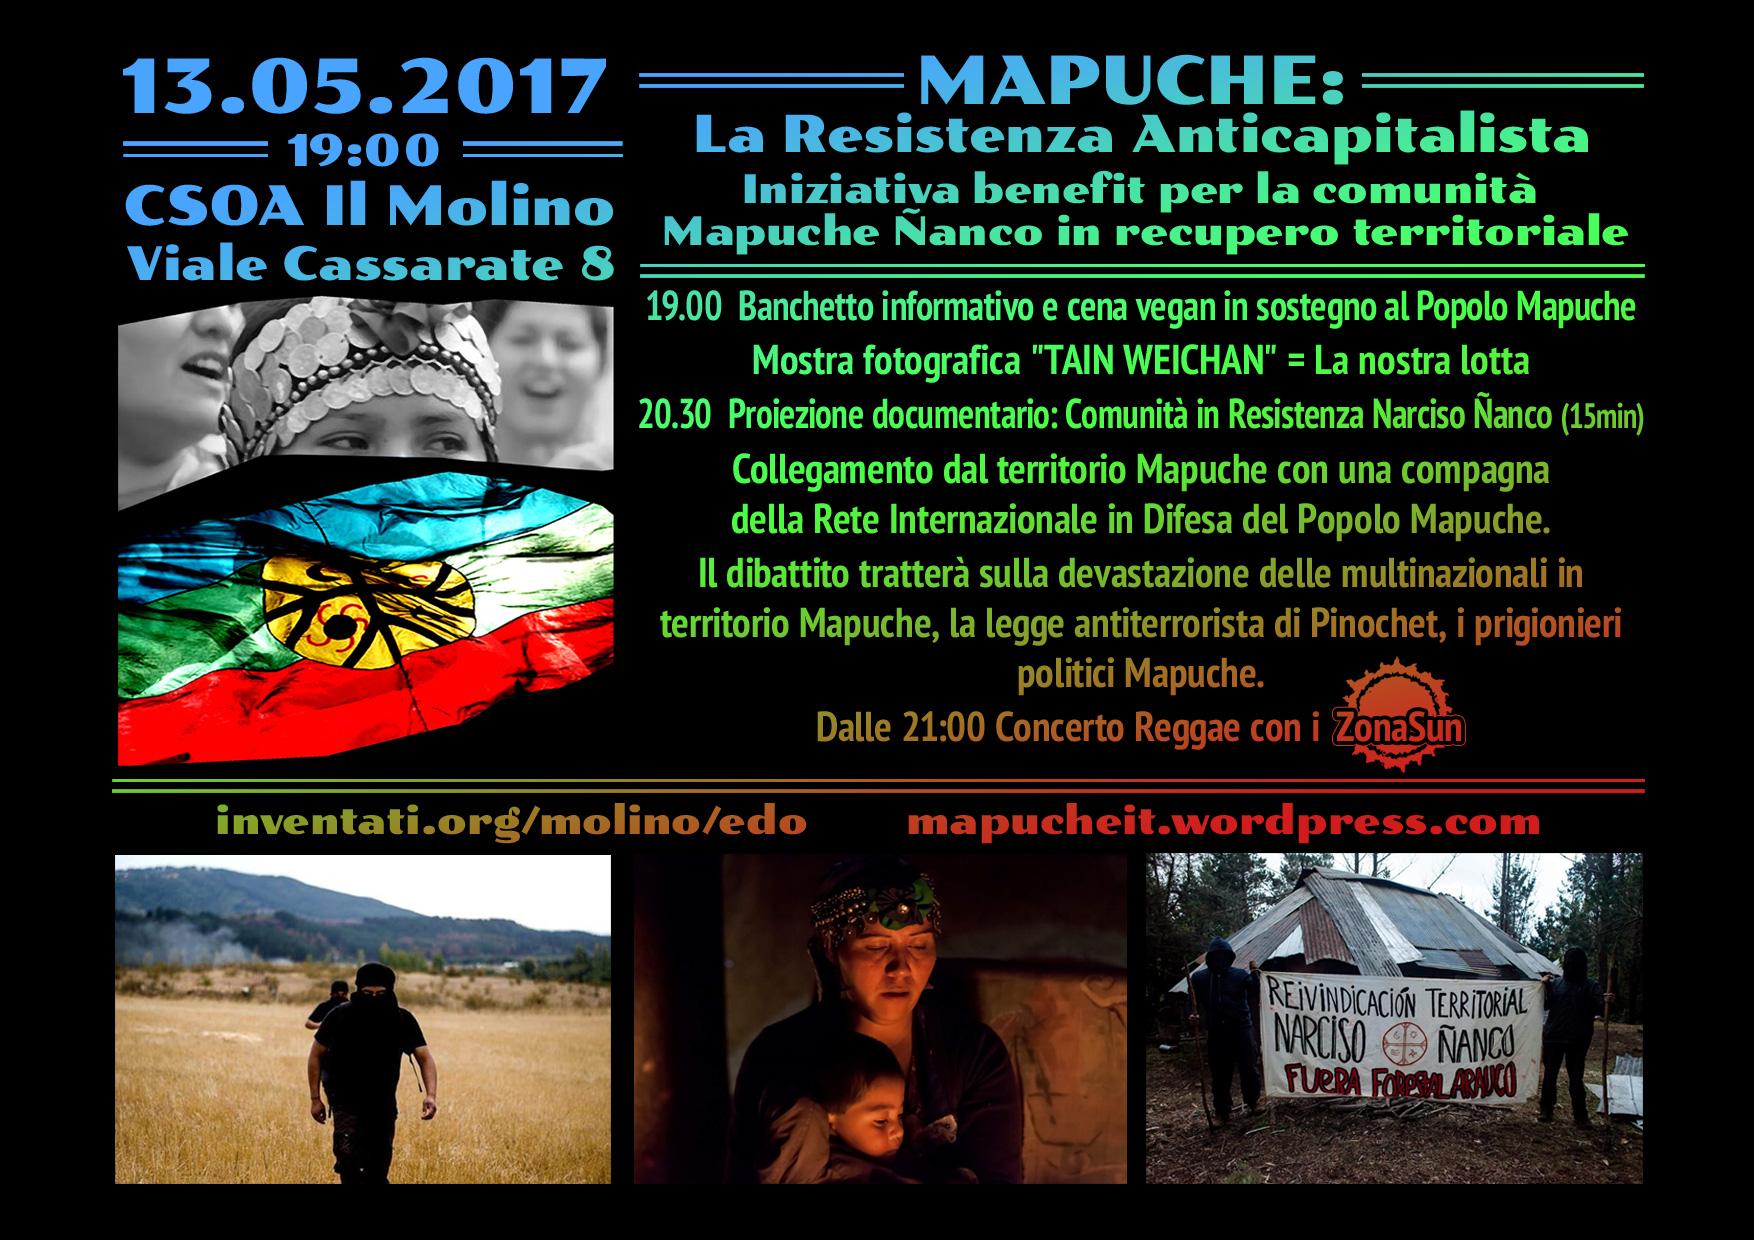 13.05.2017 - Mapuche: La Resistenza Anticapitalista 1